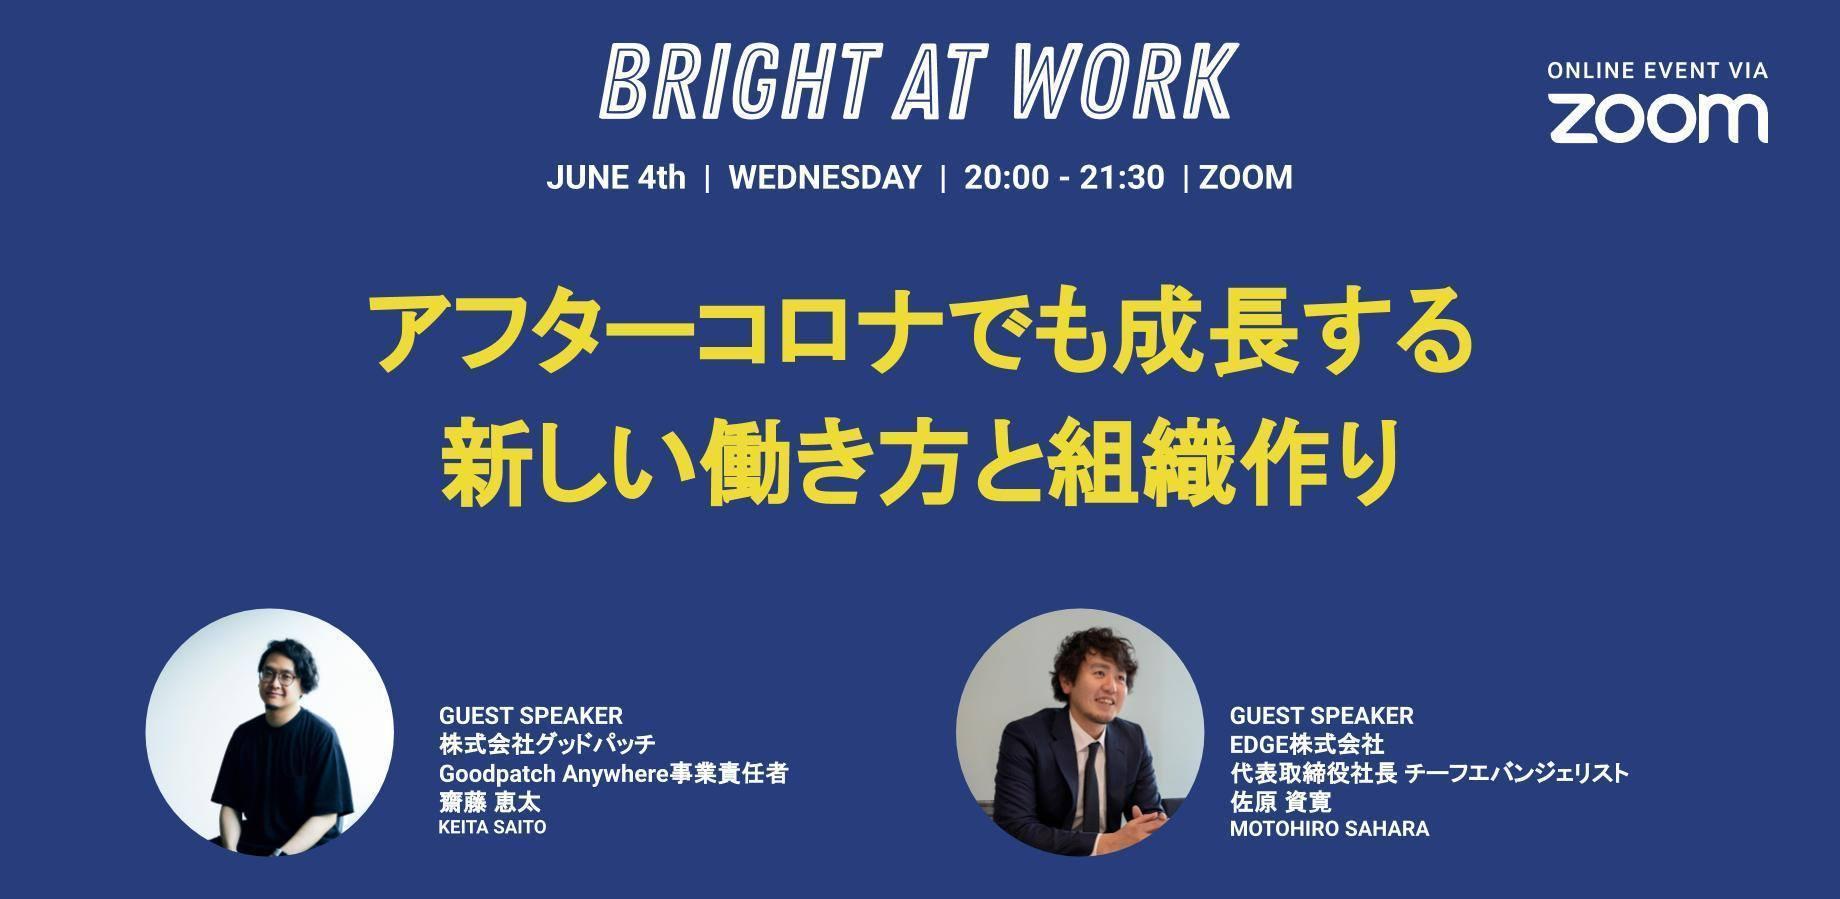 2020年6月4日 BRIGHT AT WORK ~アフターコロナでも成長する新しい働き方と組織作り~